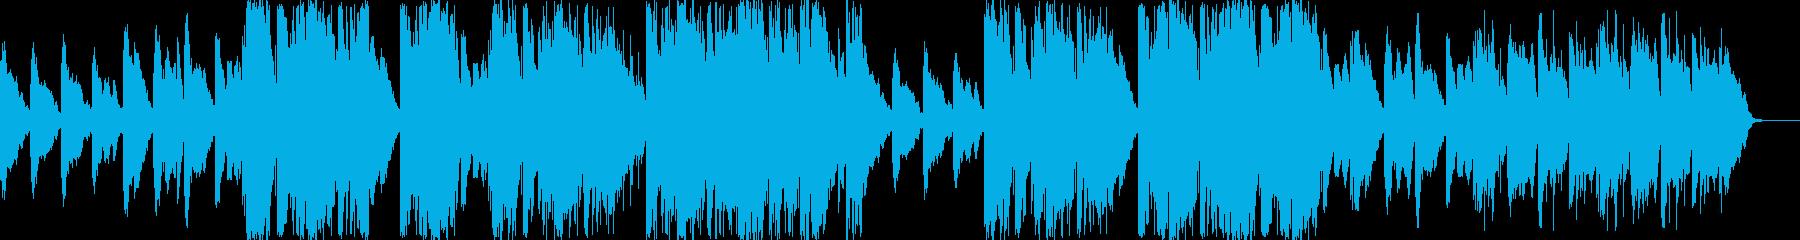 緊張感のあるピアノとベルが特徴的な曲の再生済みの波形